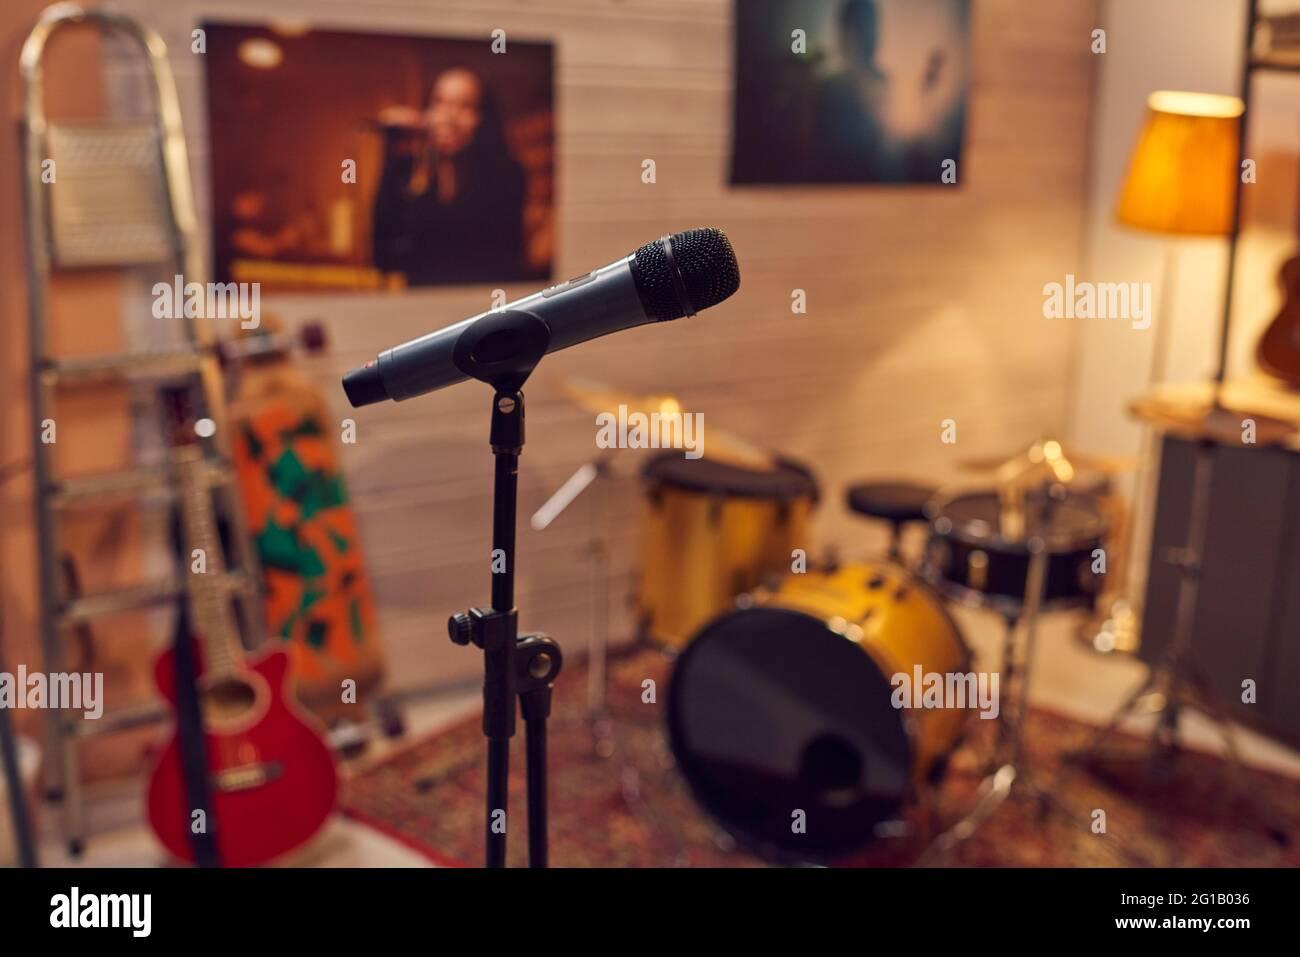 Micrófono entre instrumentos musicales en estudio de grabación de sonido Foto de stock